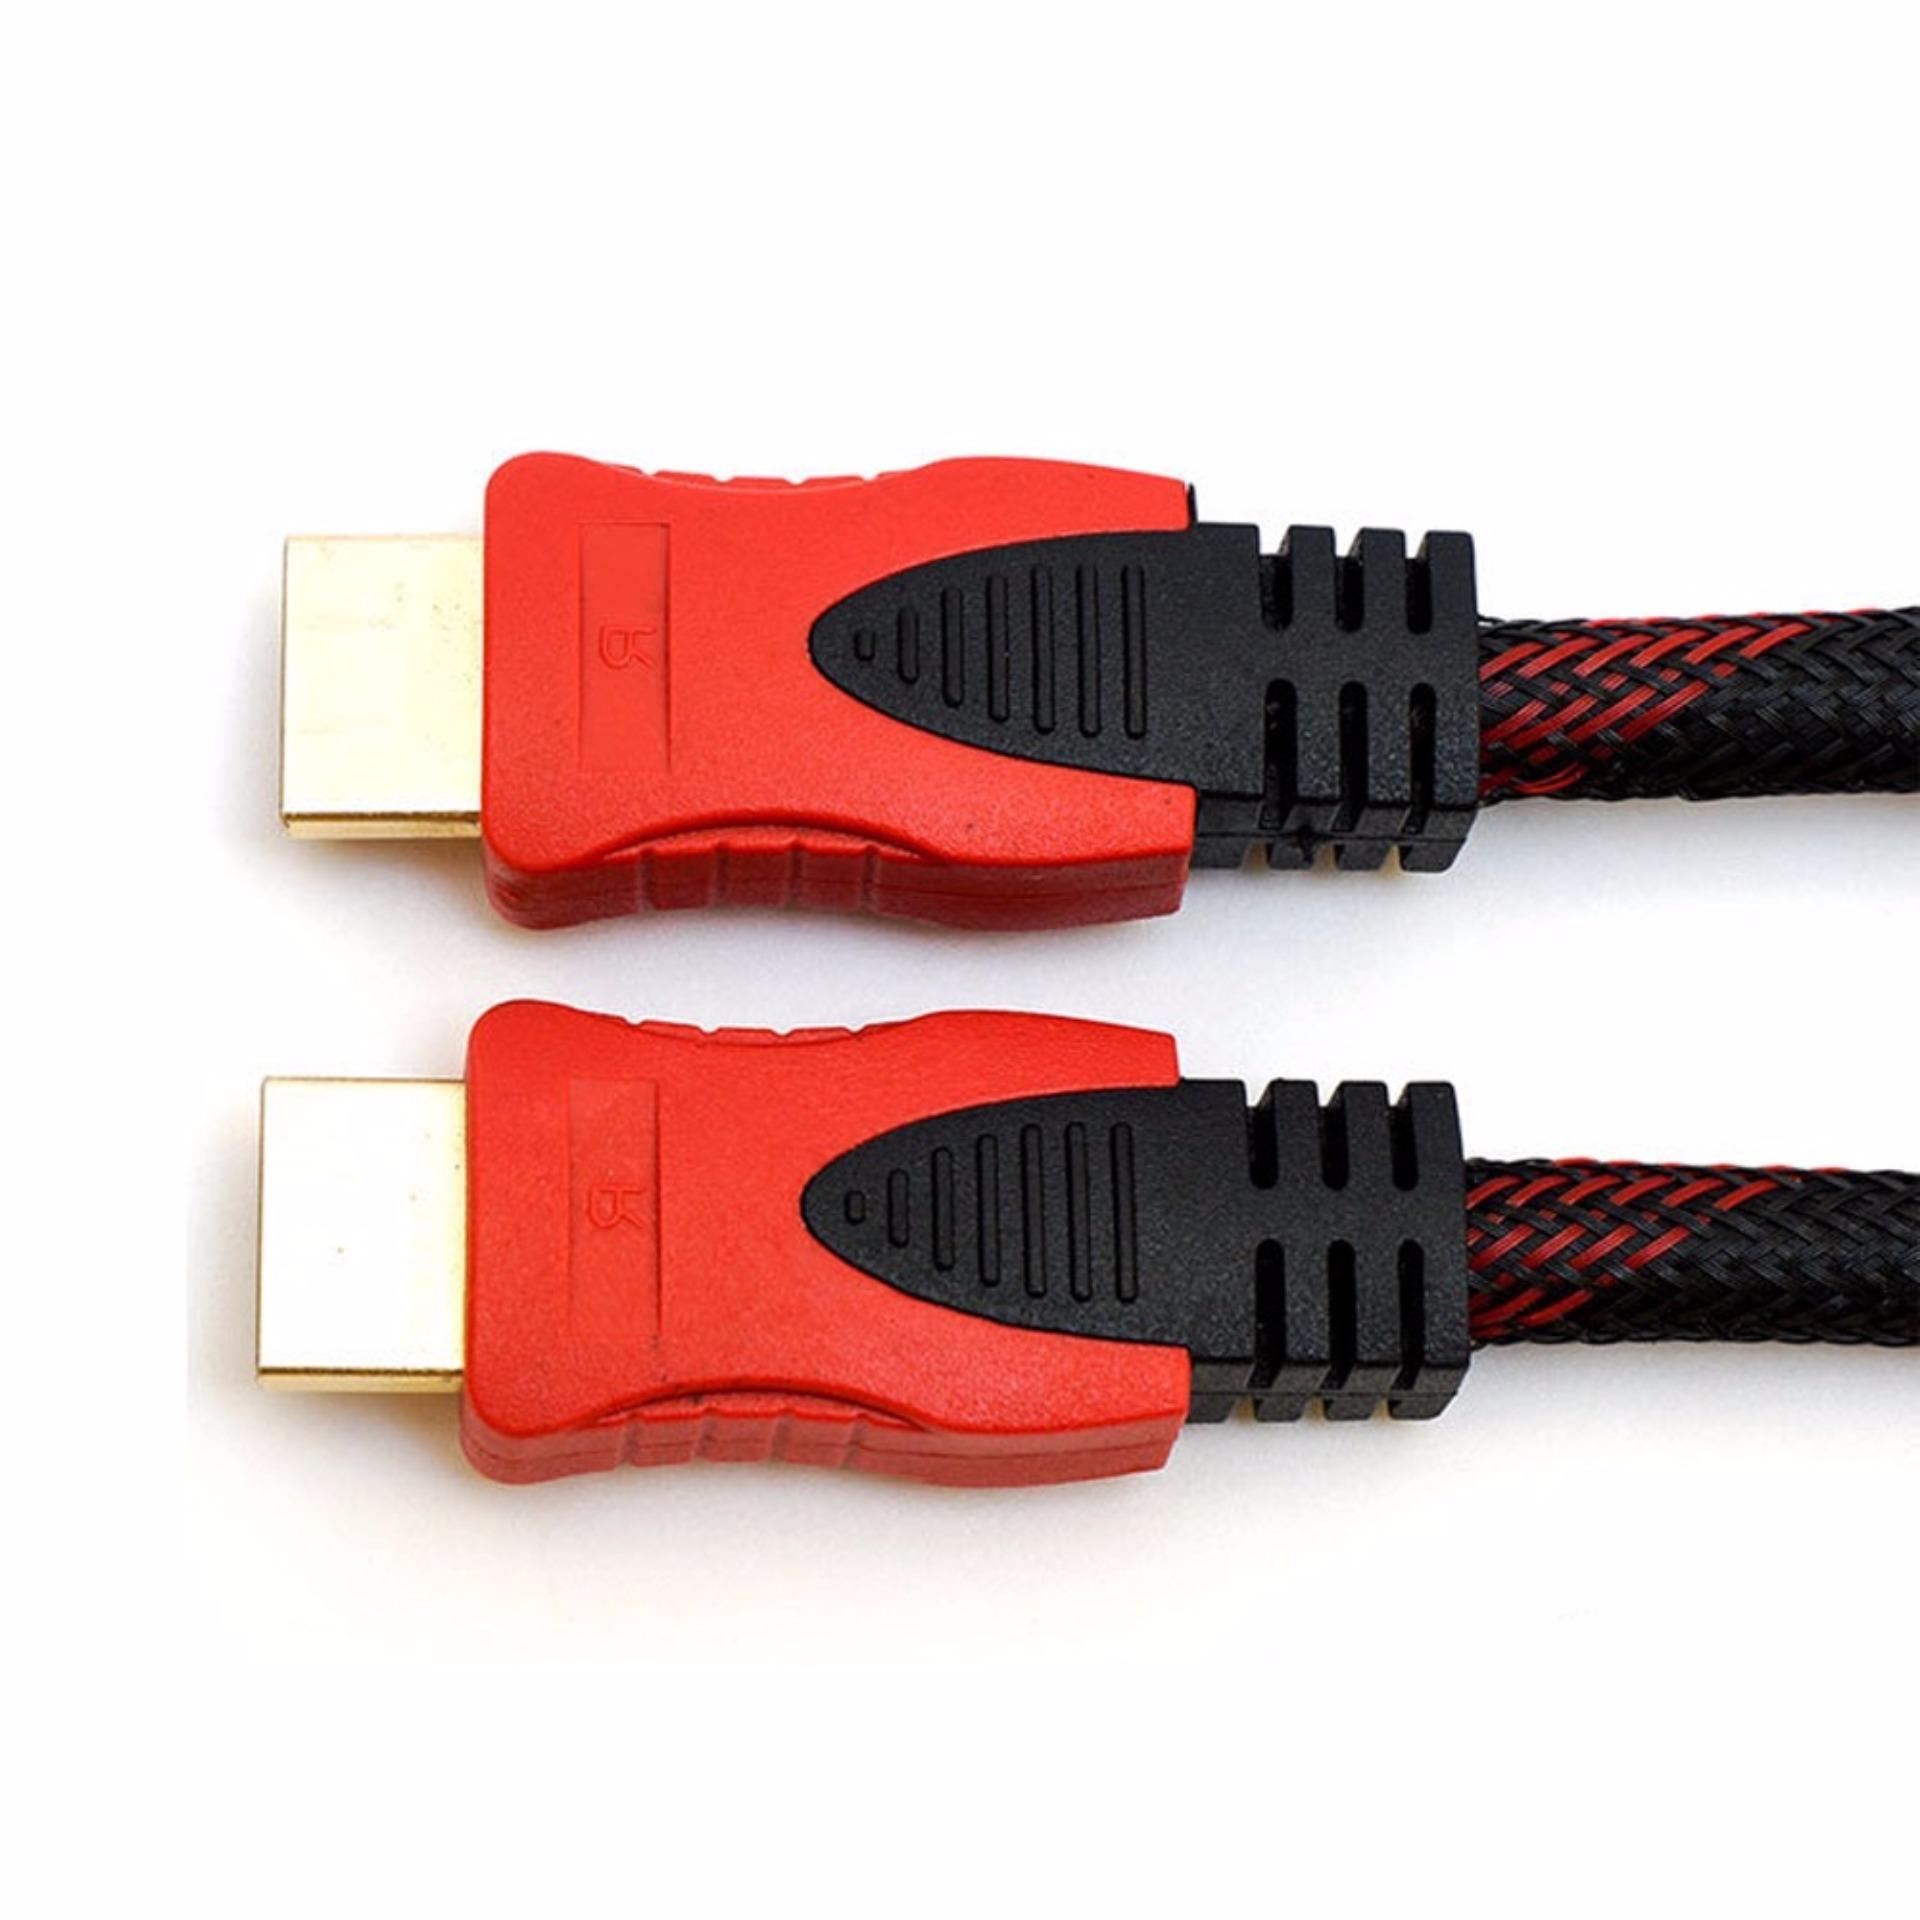 Newtech Kabel Hdmi To 15m Hitam Daftar Harga Terkini 10m Serat Jaring 10 M 1080p V14